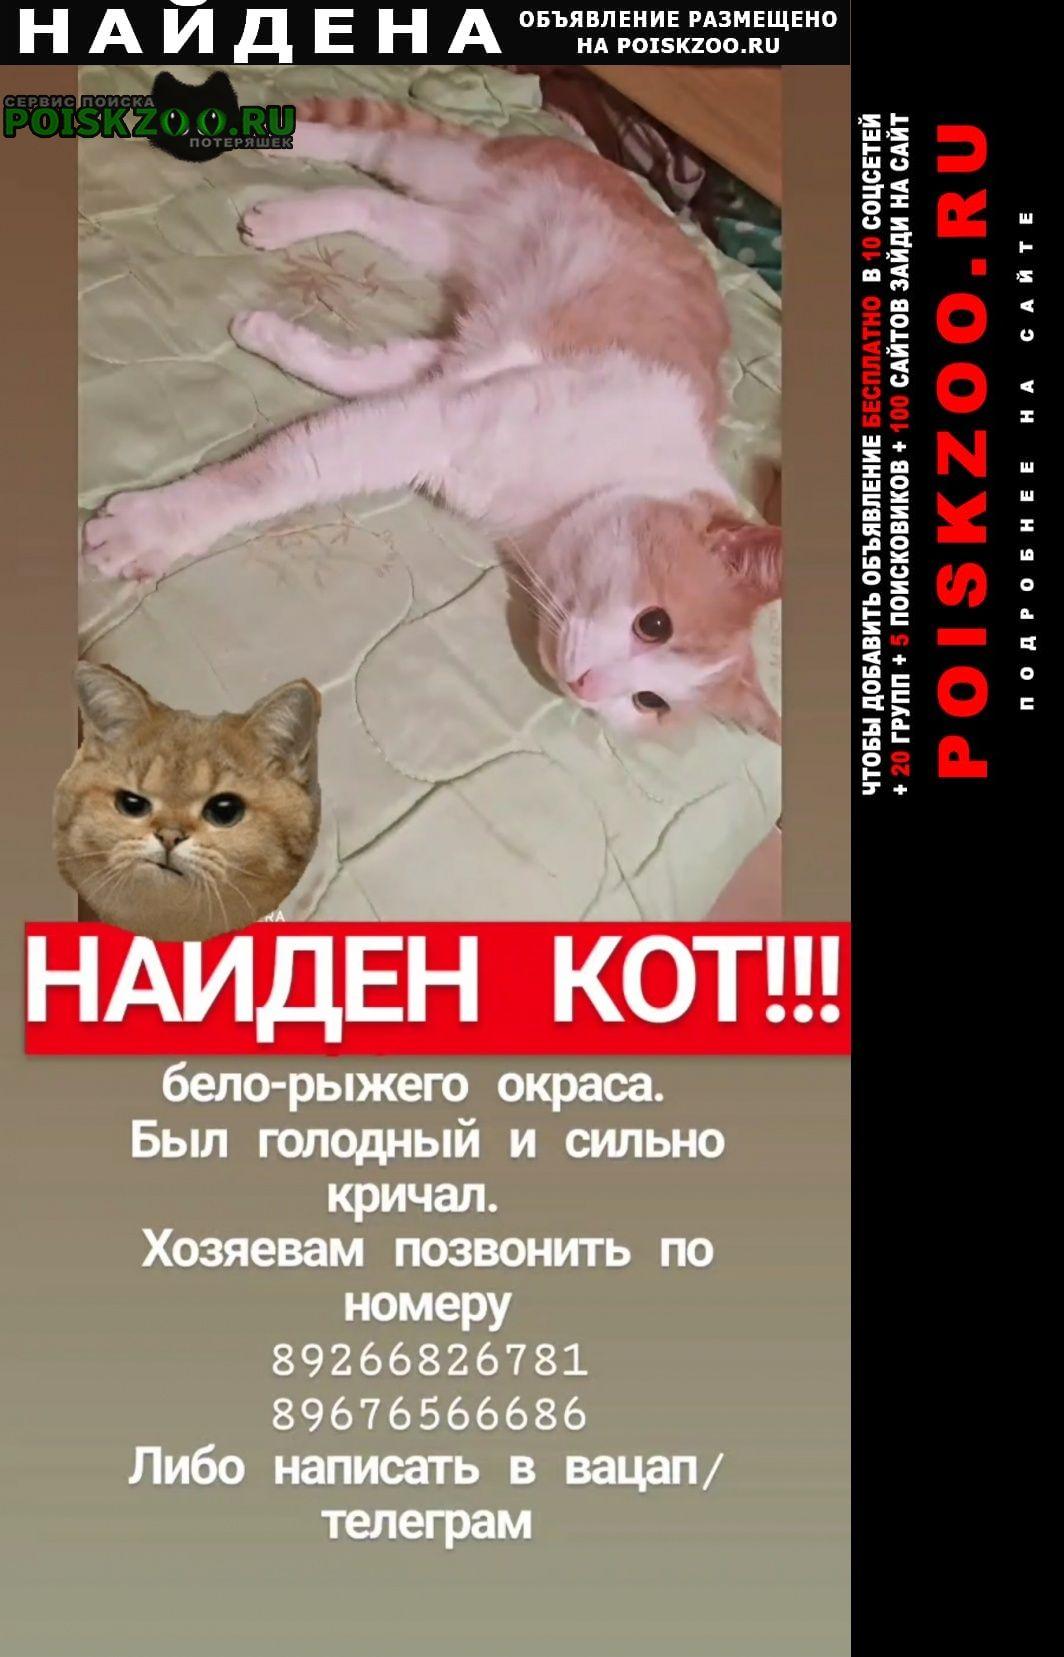 Найдена кошка рыжий кот район чистые пруды Москва